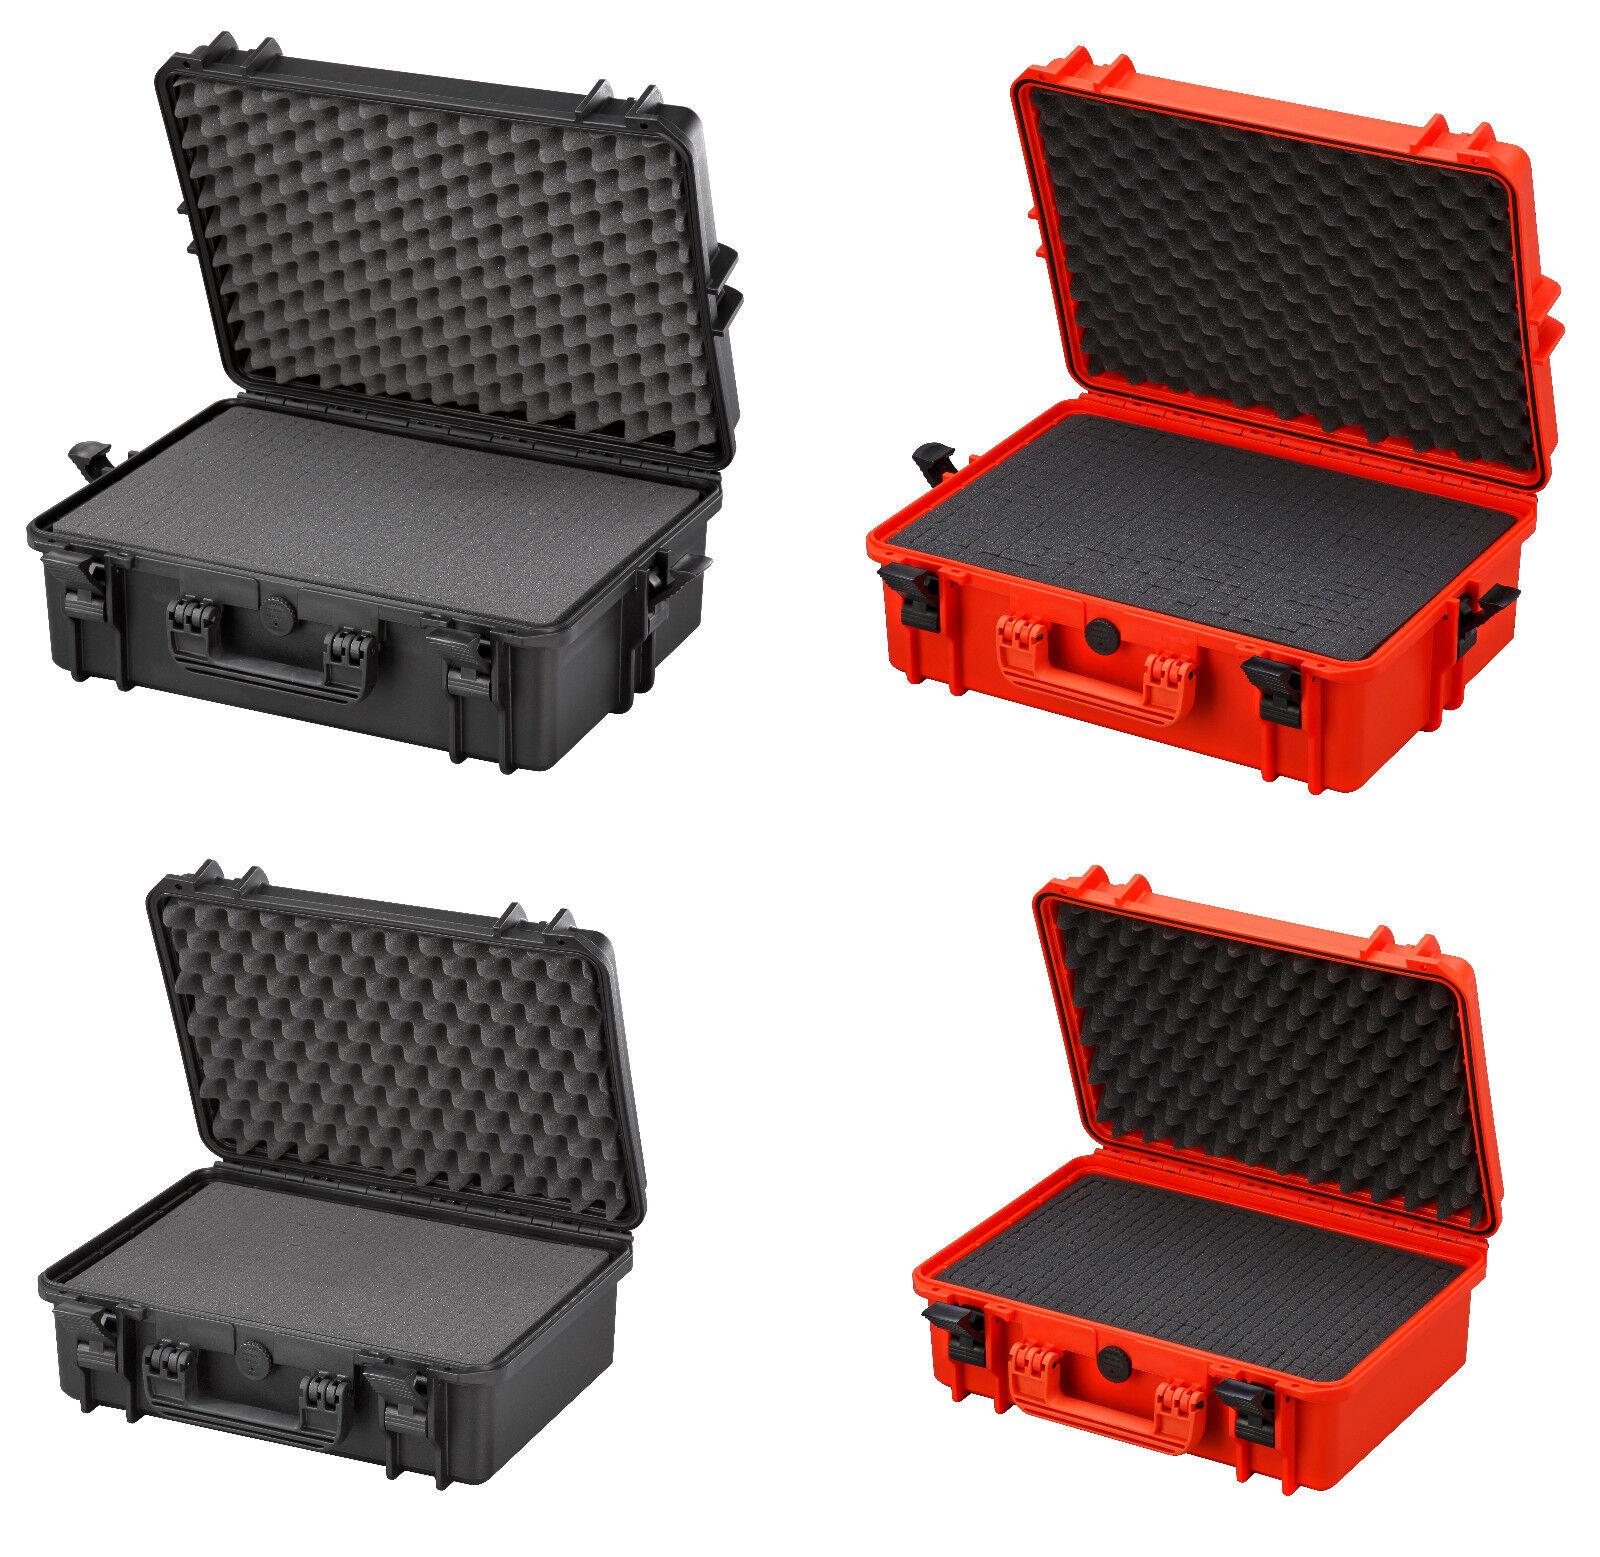 Kunststoffkoffer Werkzeugkoffer Wasserdichter Koffer Transportkoffer mit Einlage